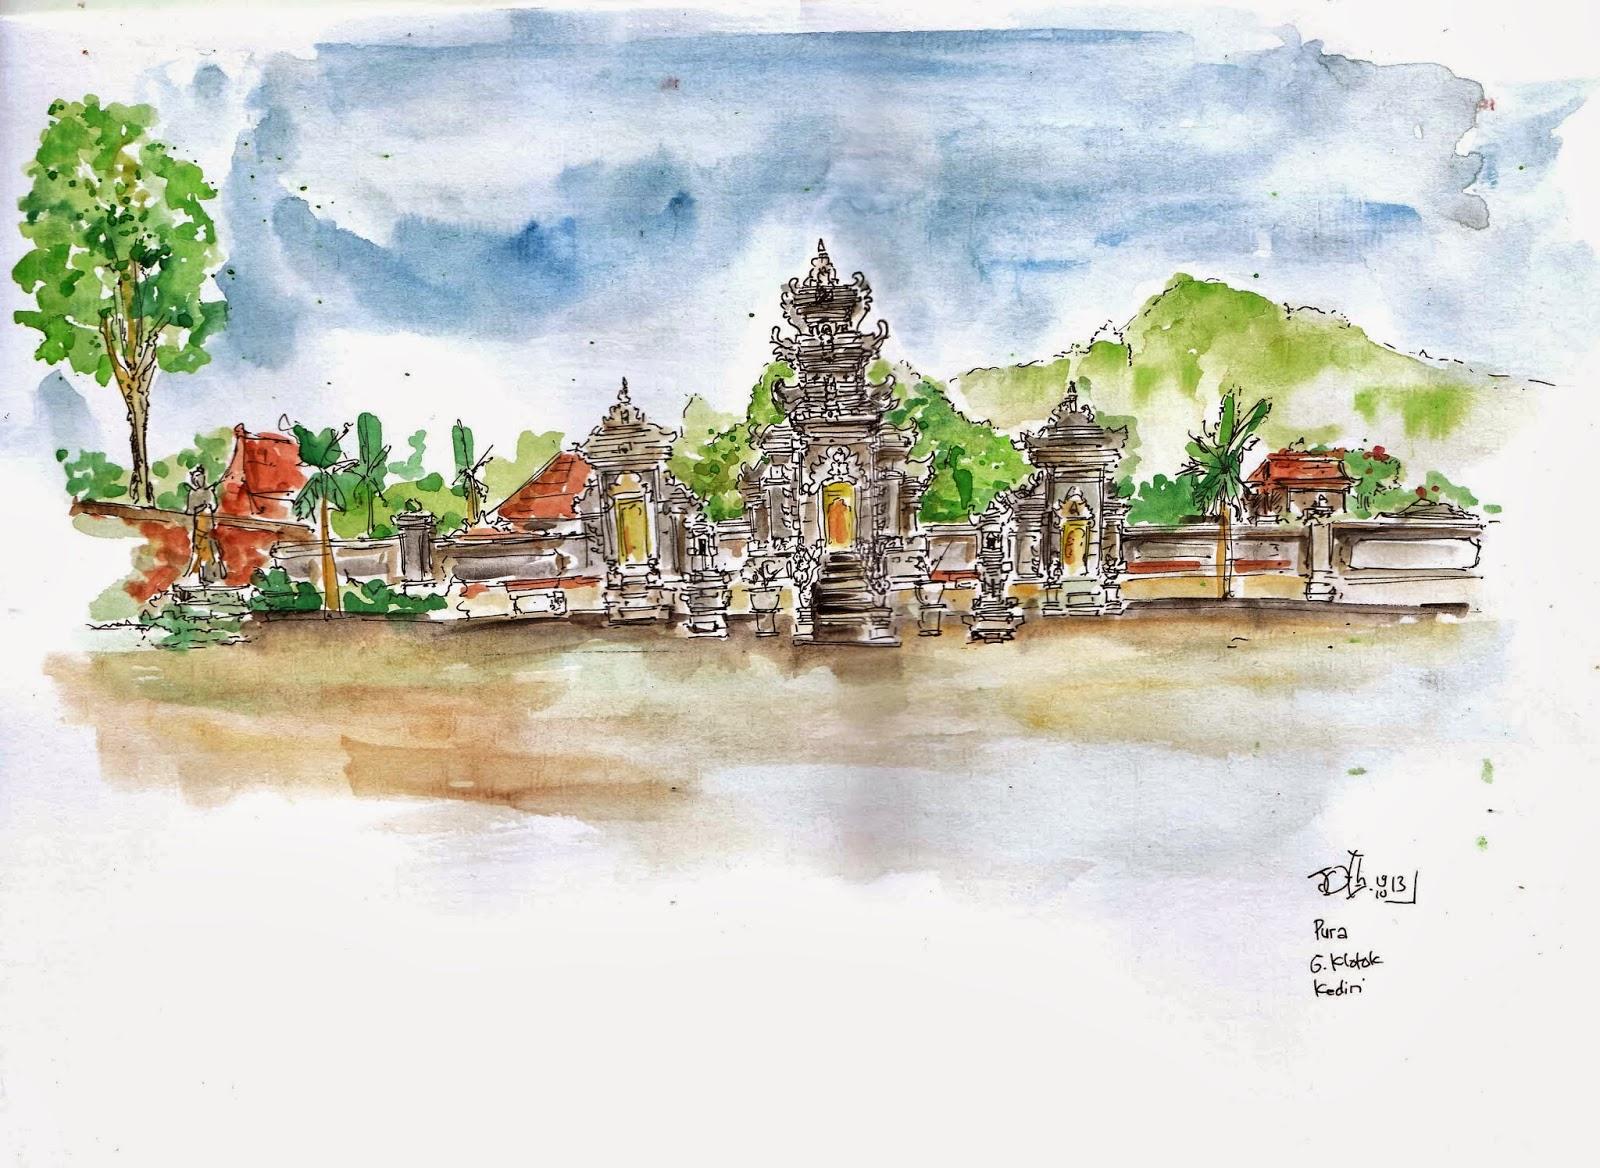 Blognya Dodoth Kediri Bingkai Sektsa Pura Penataran Agung Dewi Kiliuci